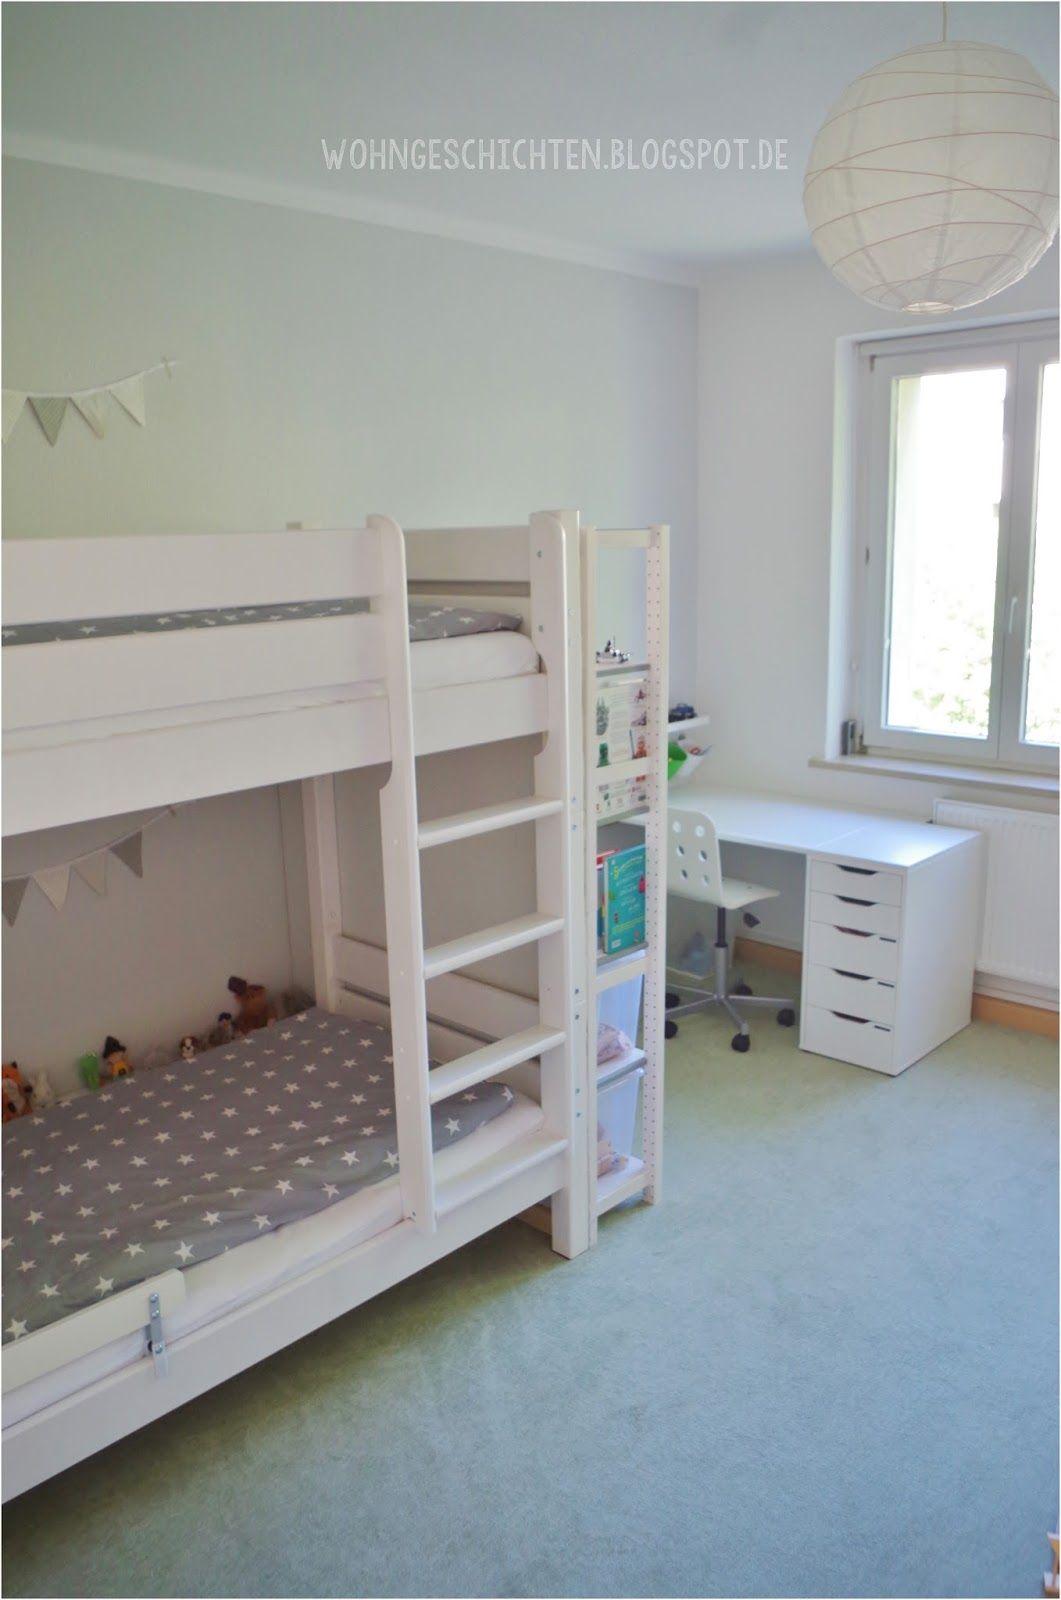 Unser Neues Kinderzimmer Kinder Zimmer Kinderzimmer Zimmer